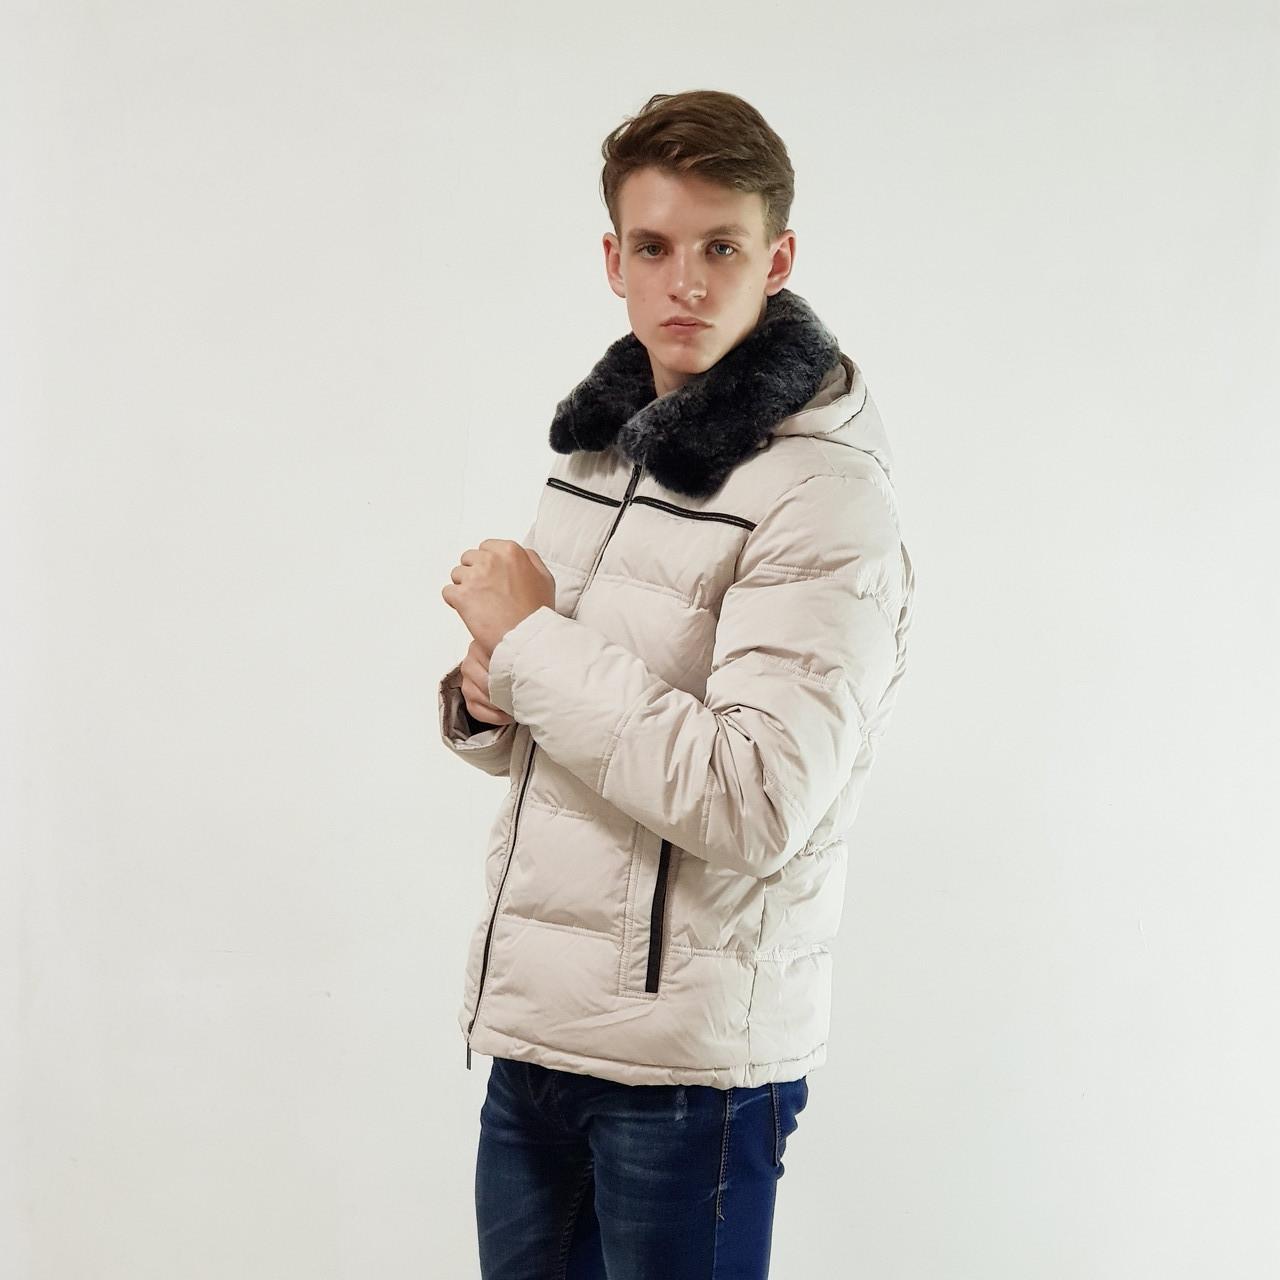 Куртка мужская зимняя Snowimage с капюшоном 50 бежевый 127-9189